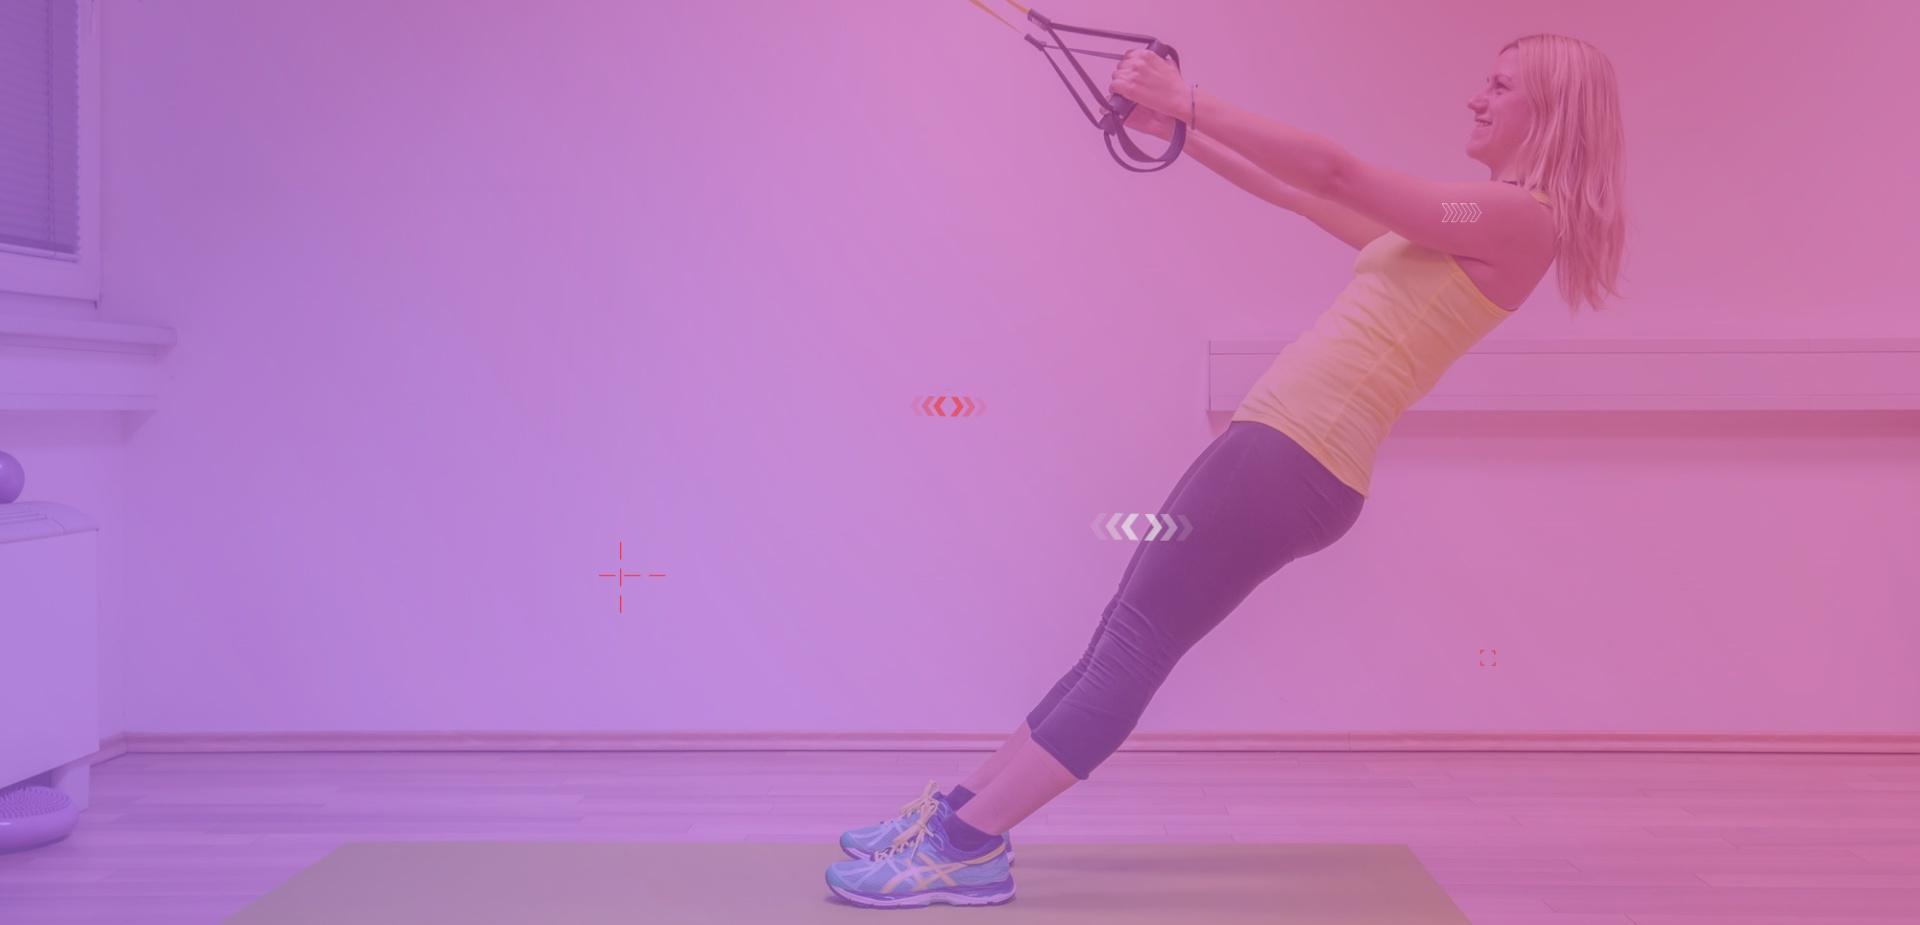 vitalni z metko vadbe fitnes vitalnost gibčnost trx